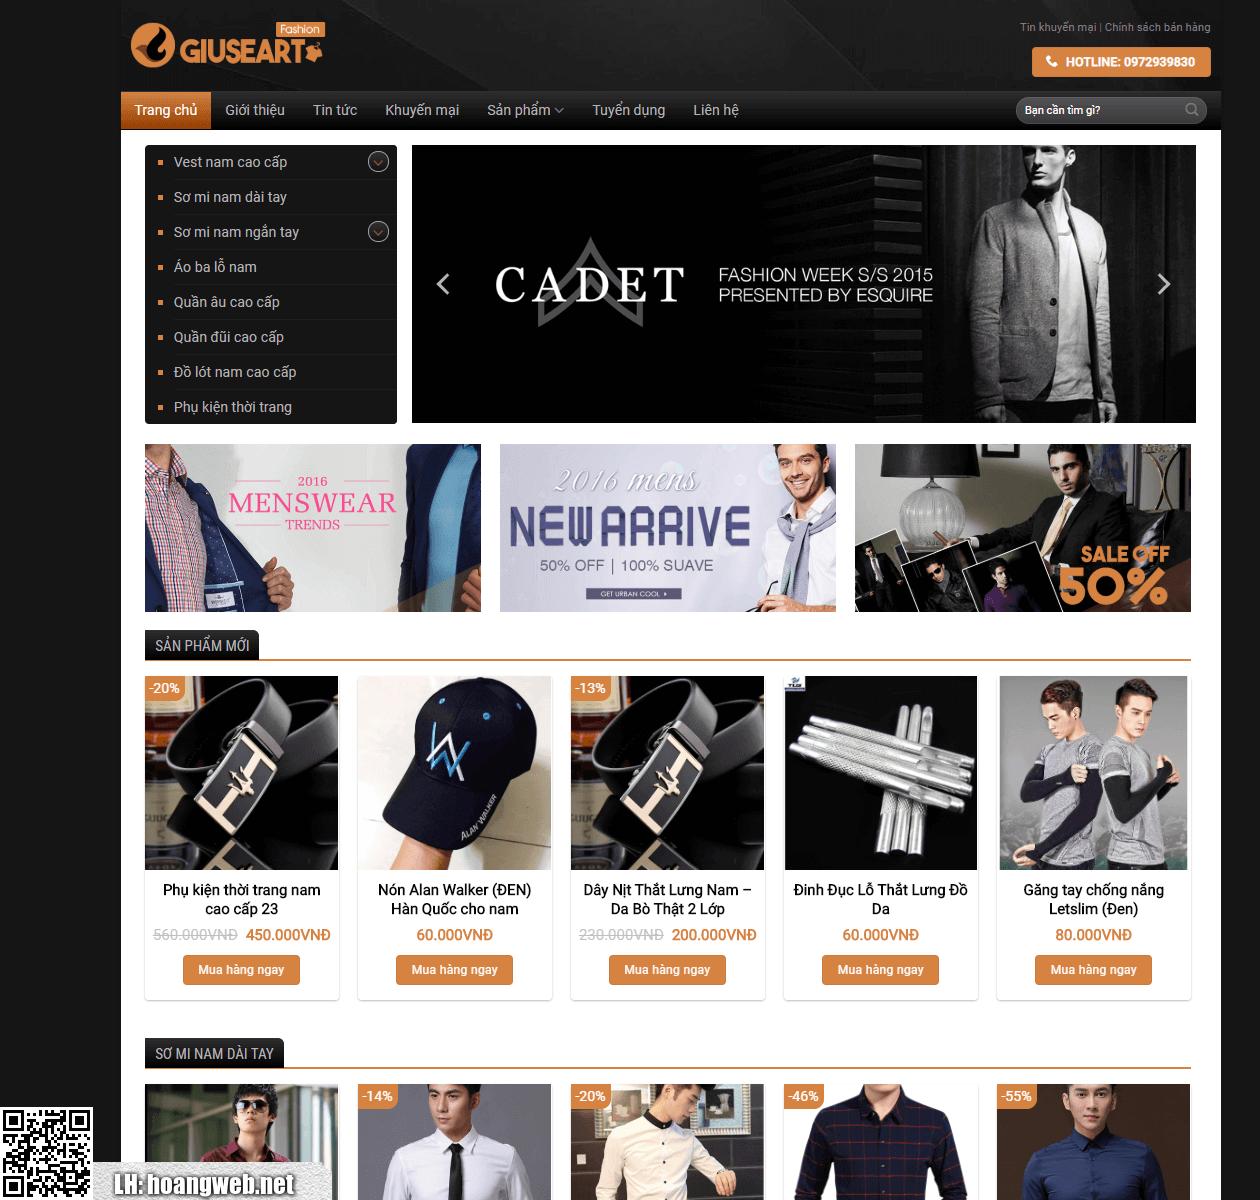 Mẫu thiết kế web giá rẻ 04